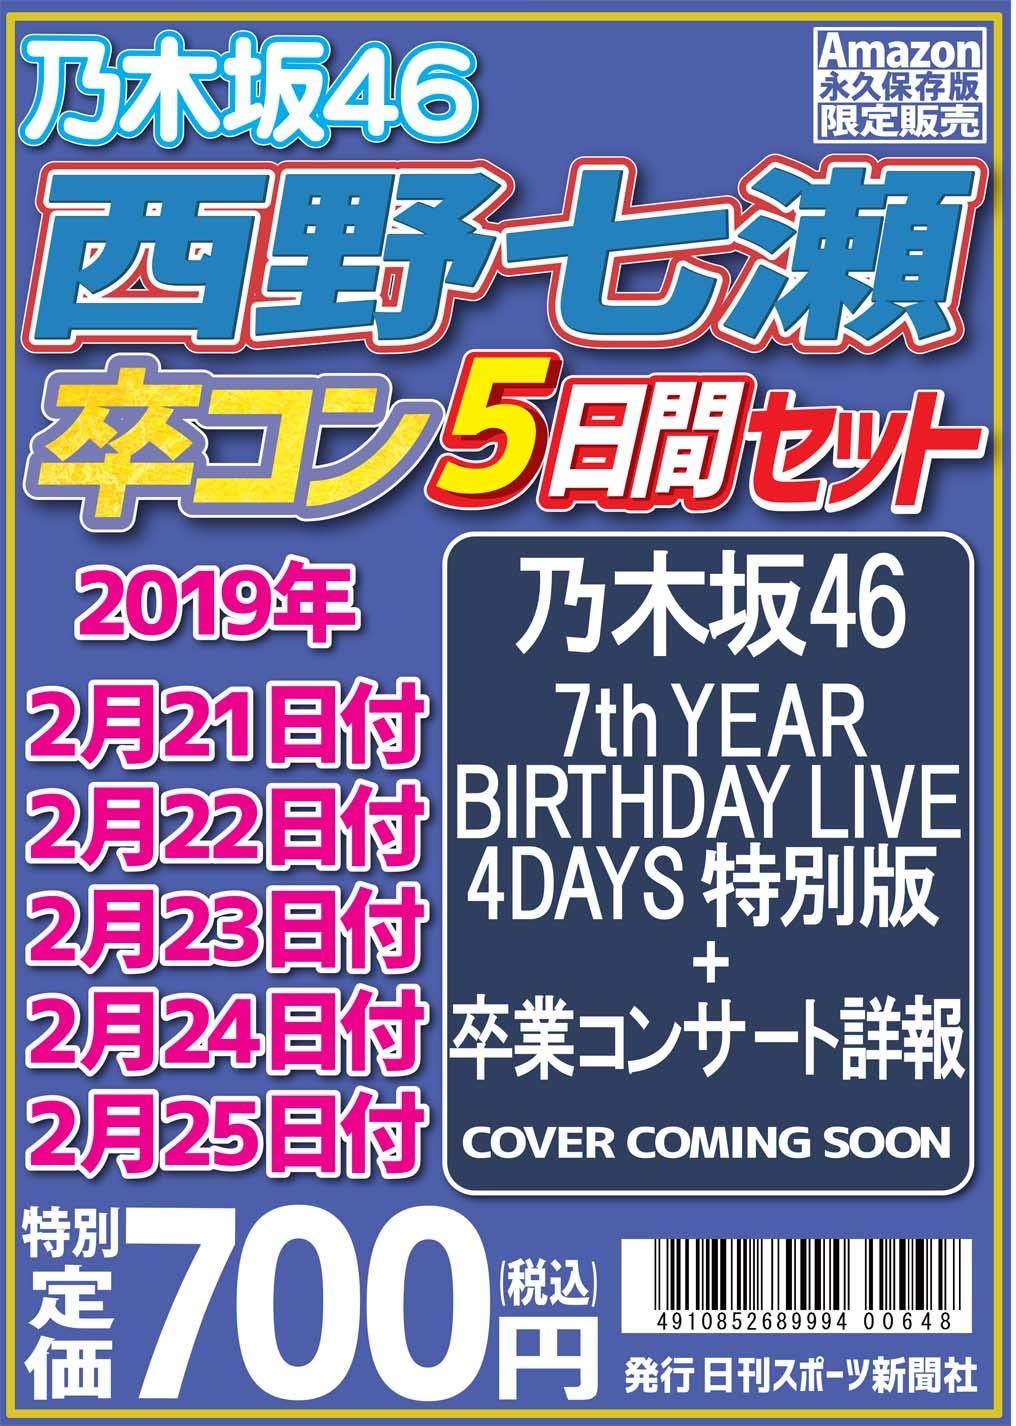 日刊スポーツ 乃木坂46西野七瀬卒コン5日間セット